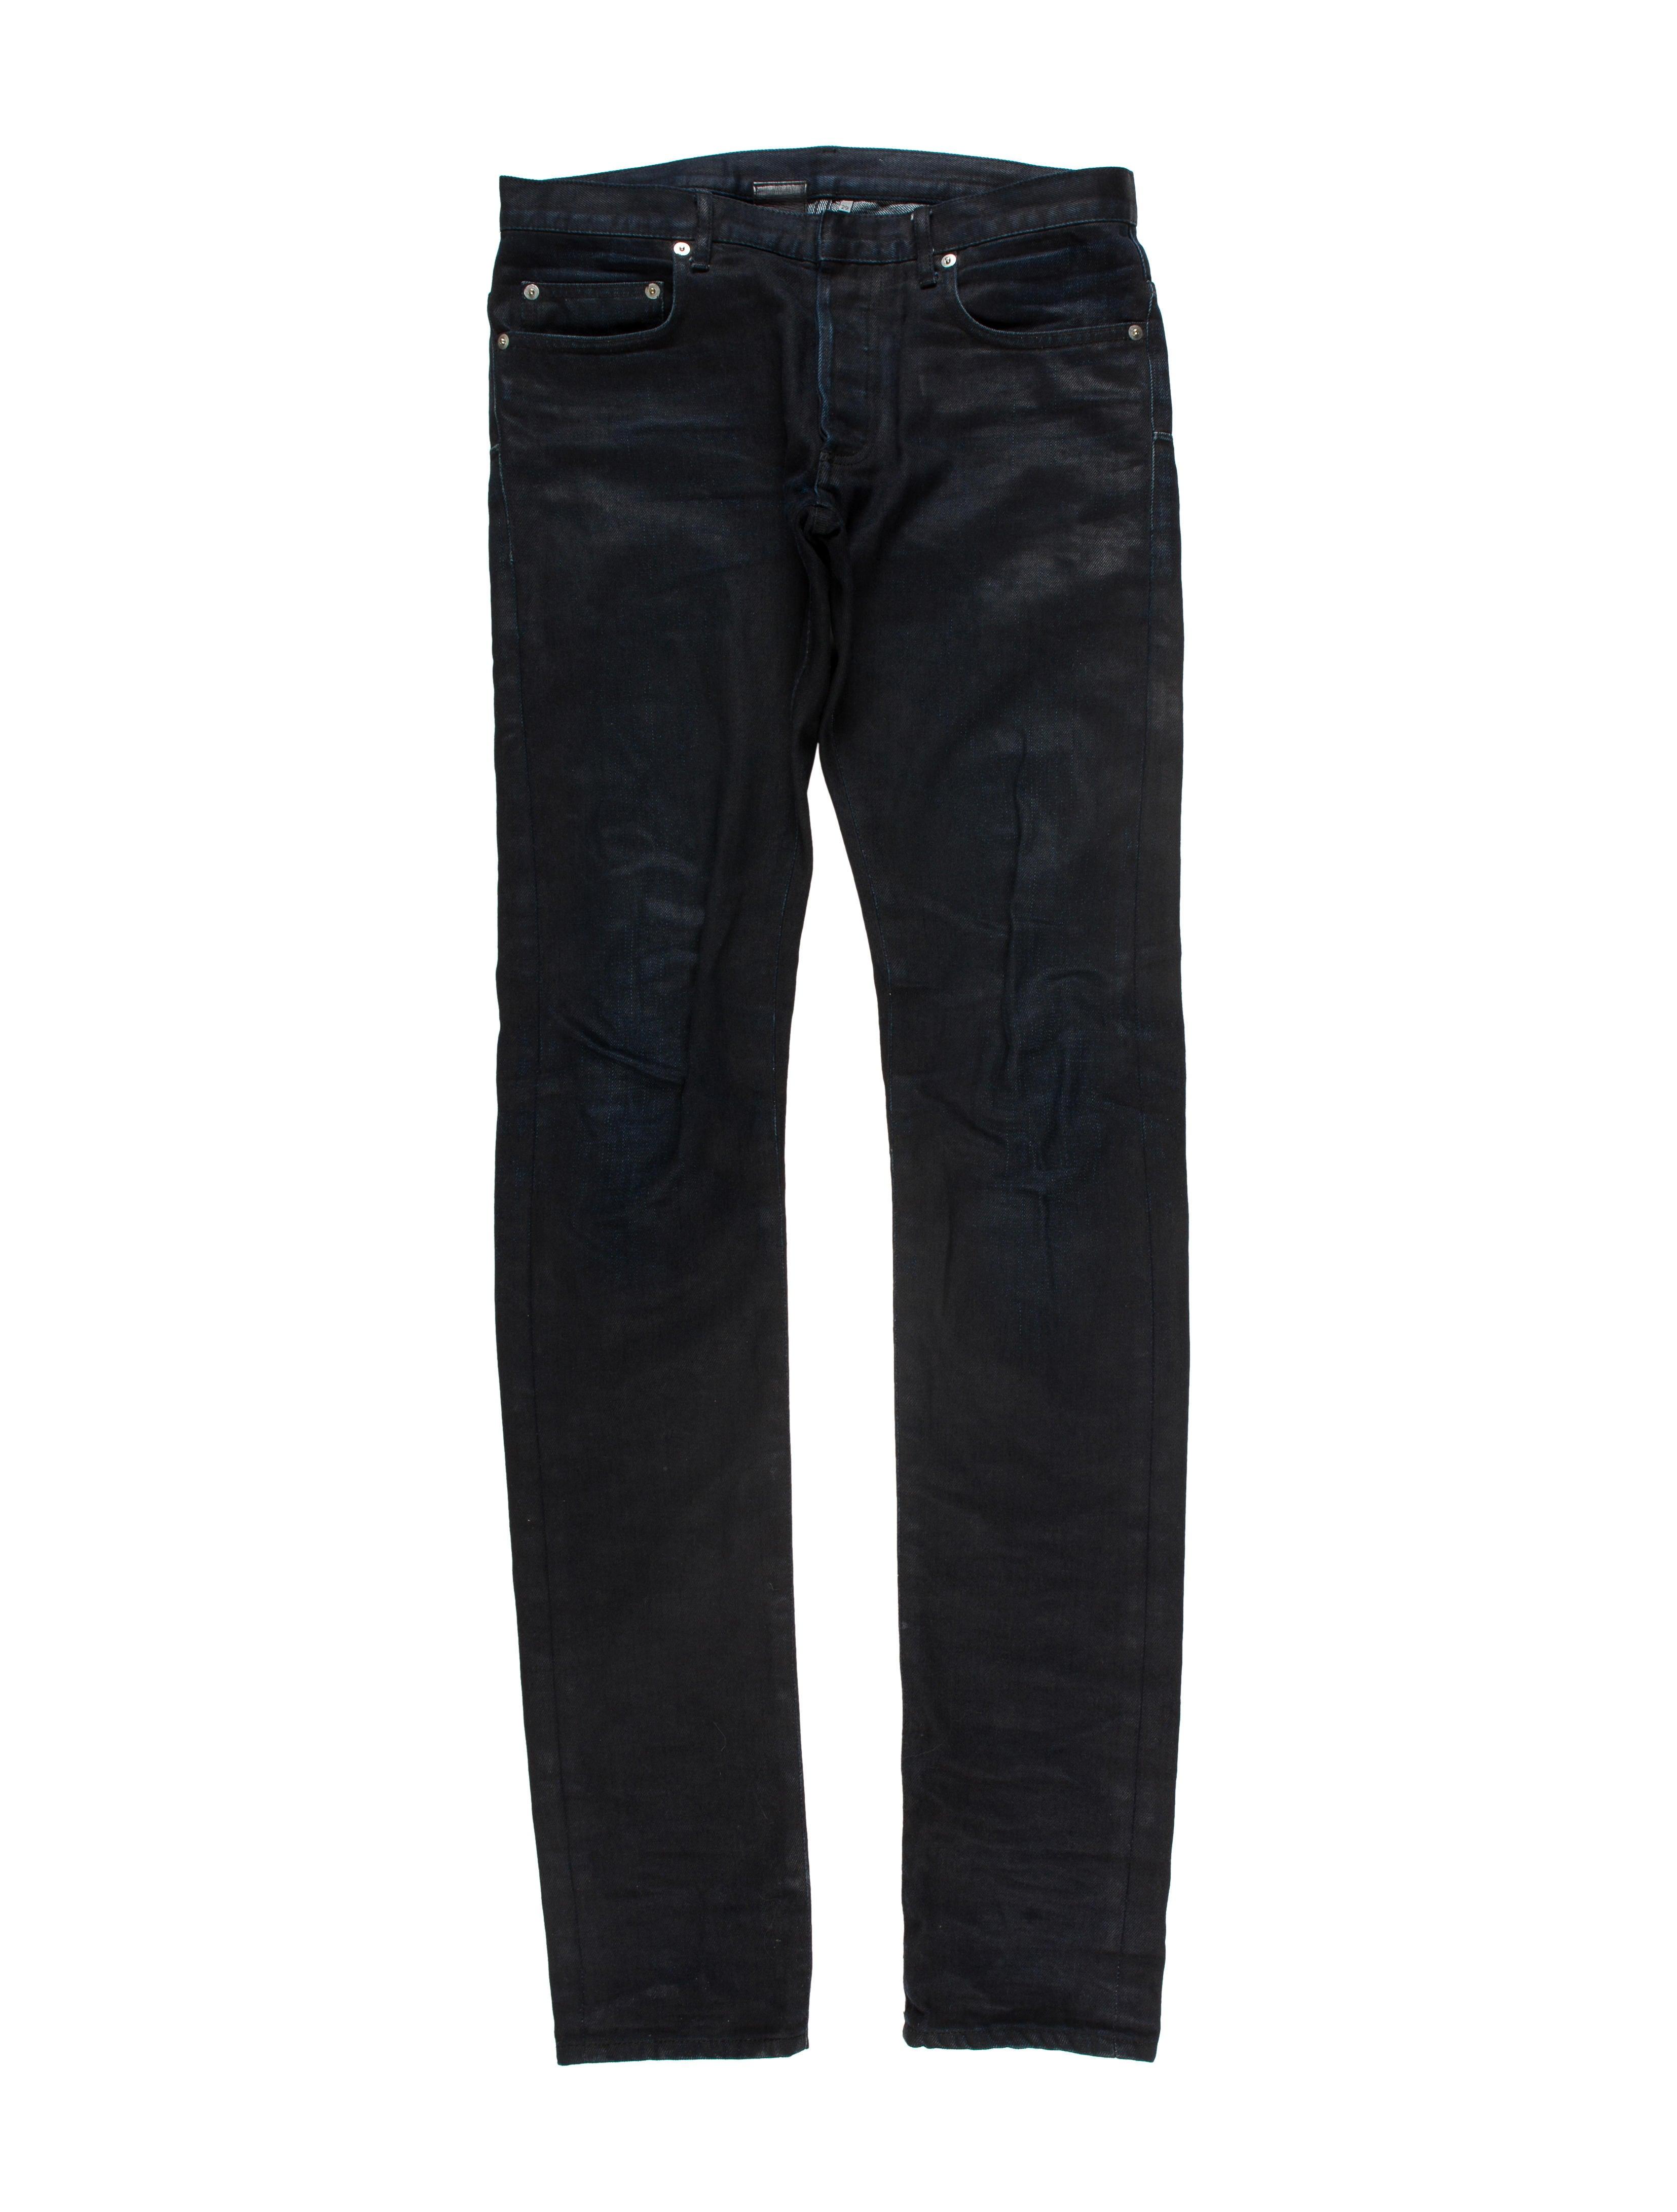 dior homme five pocket skinny jeans clothing hmm23118 the realreal. Black Bedroom Furniture Sets. Home Design Ideas